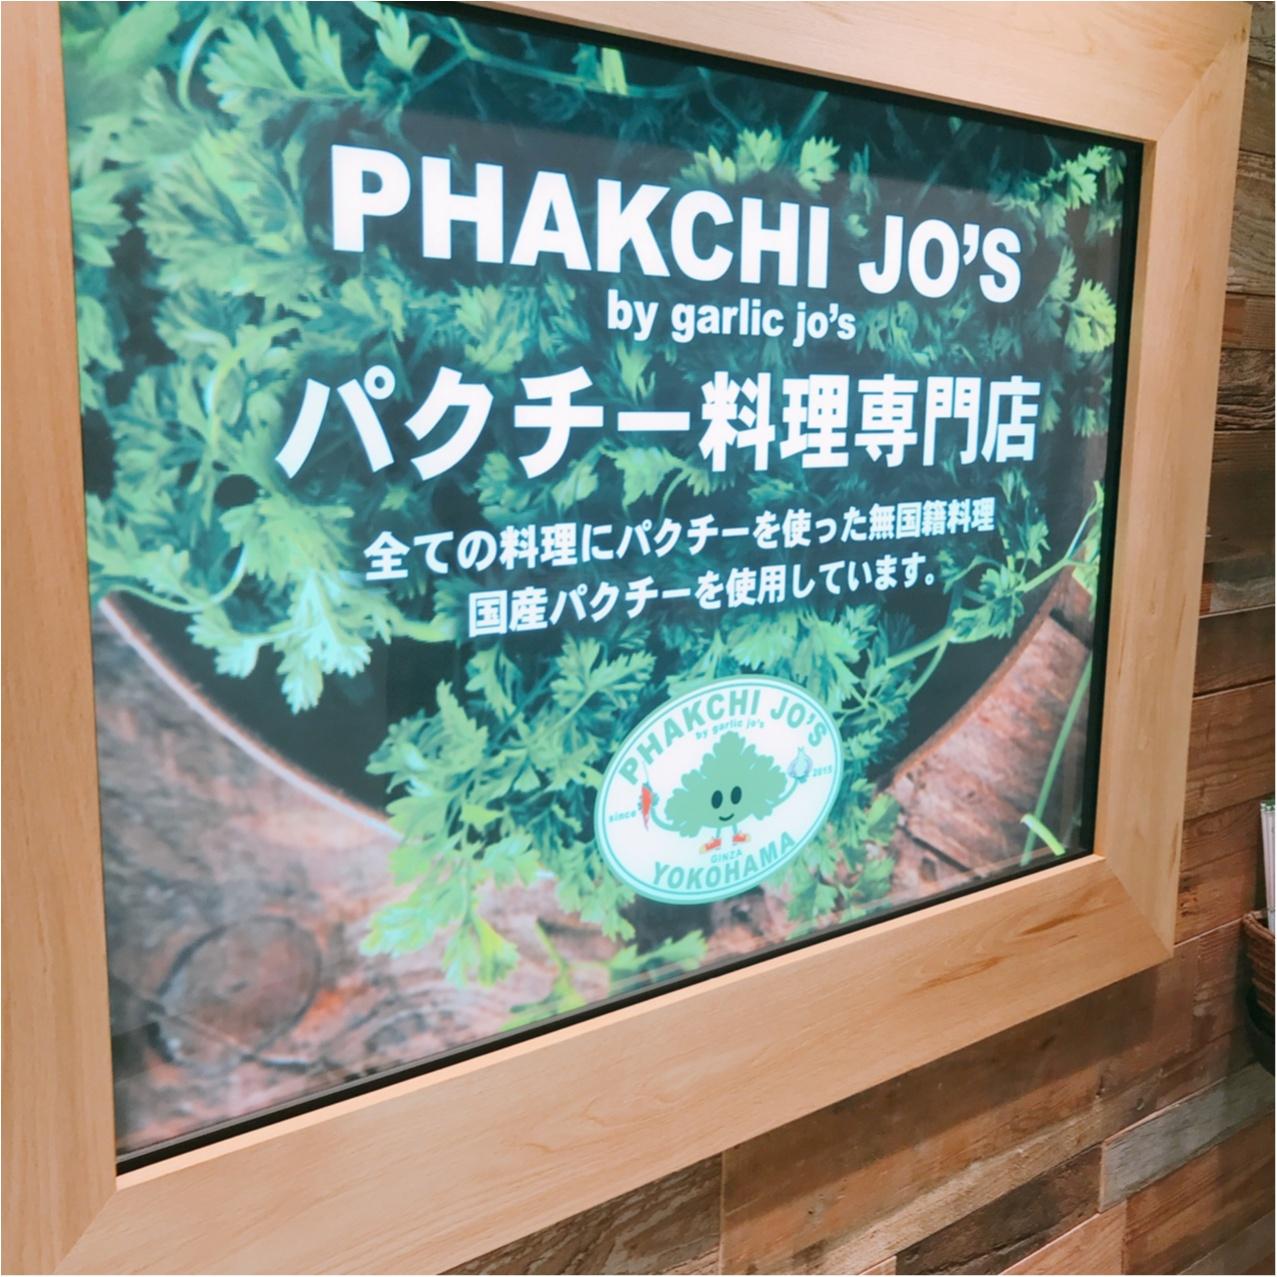 【銀座グルメ】パクチー好き必見♡PHAKCHI JO'S(パクチージョーズ)のパクチー三昧ランチがお得でおいしいっ_1